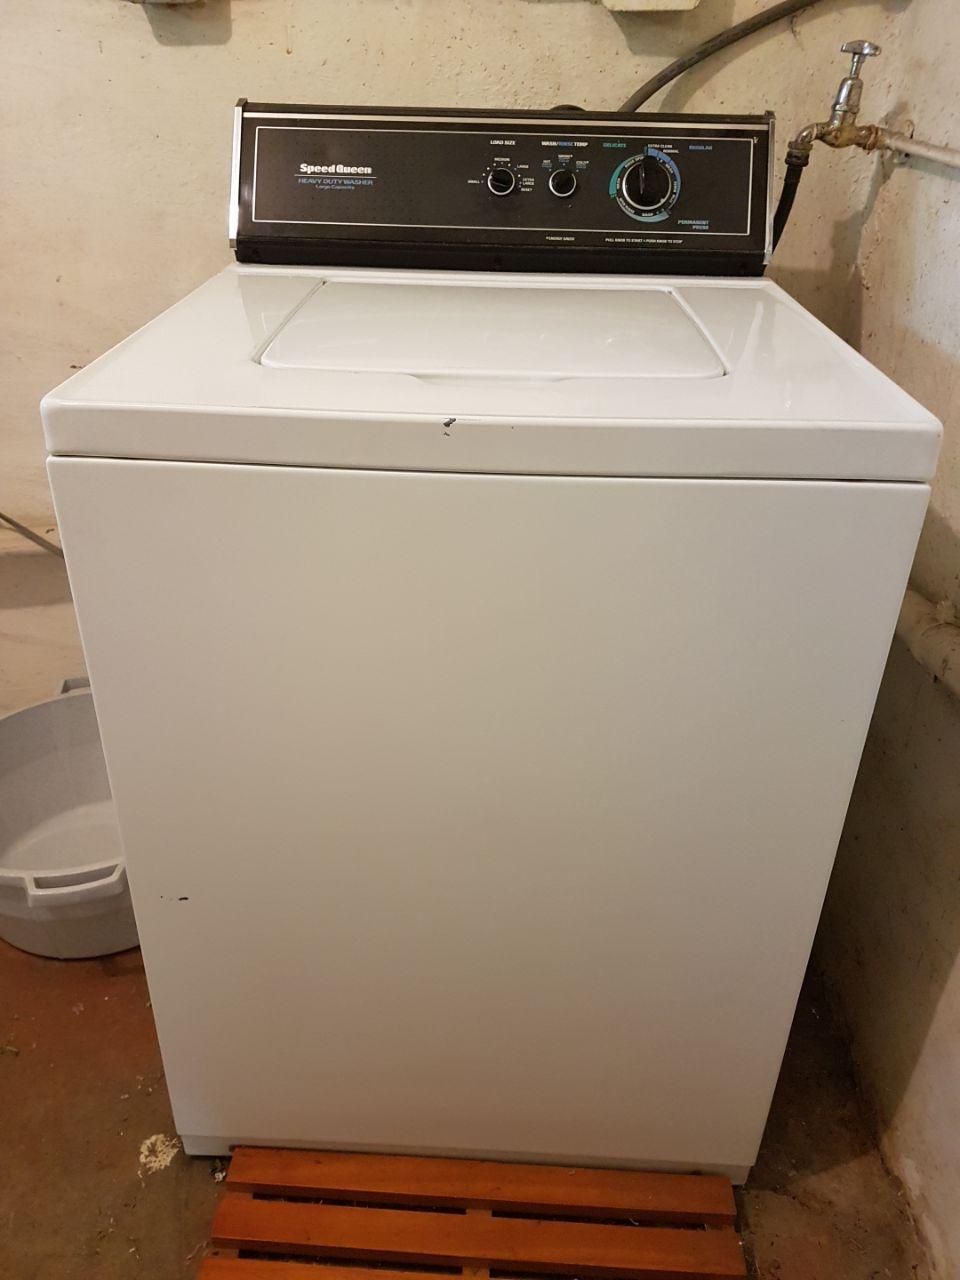 Speedqueen Top Loader washing machine. Perfect working condition